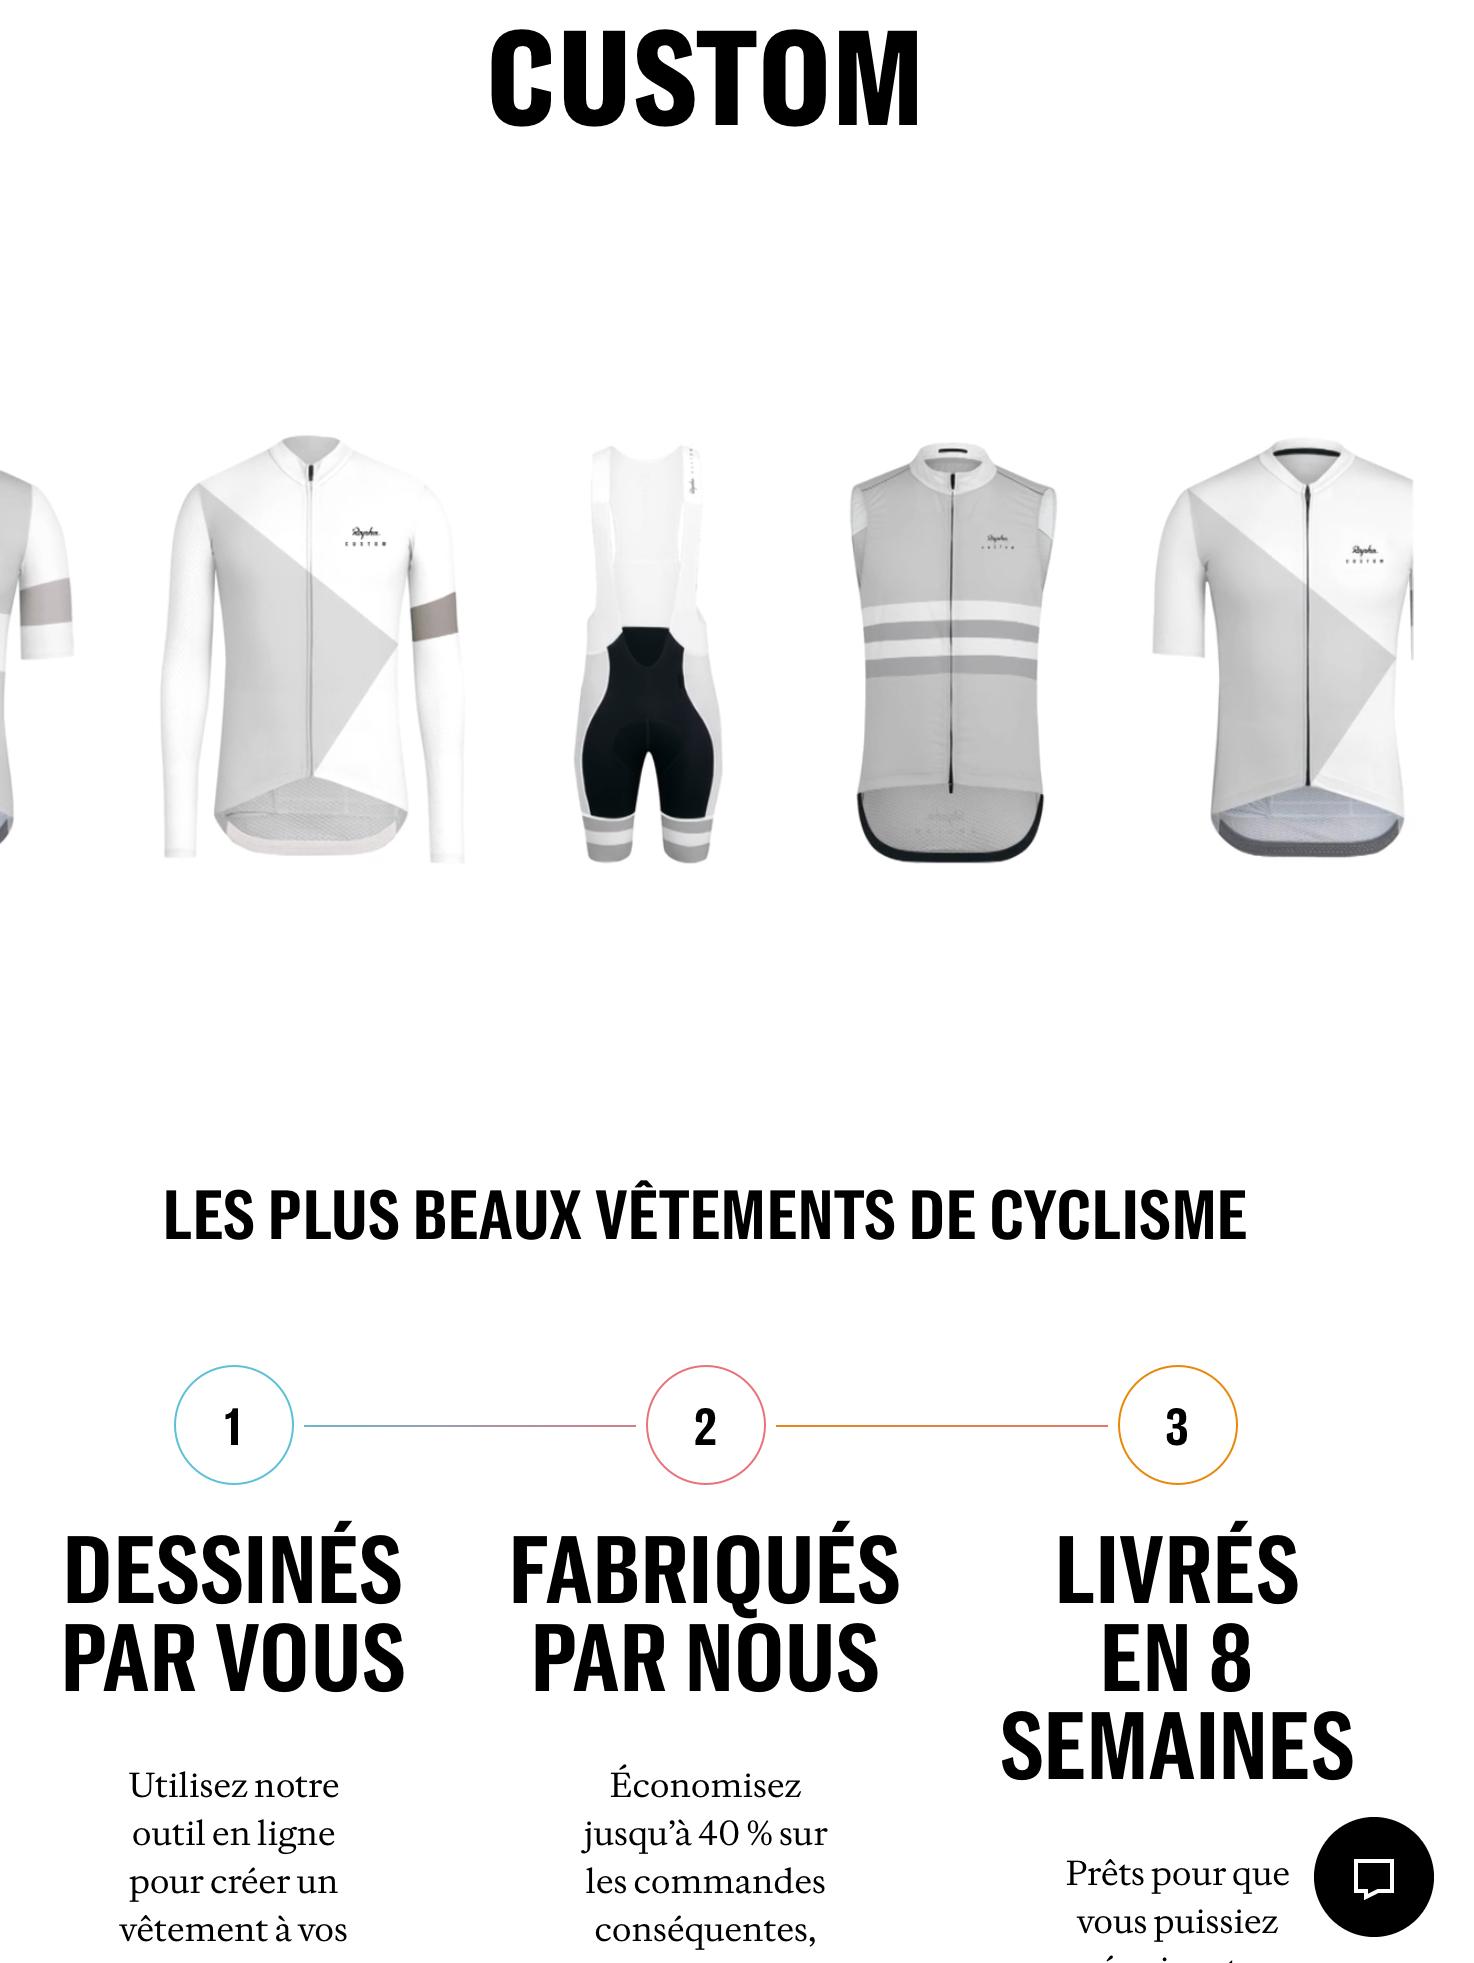 Le nouveau service de personnalisation de maillots